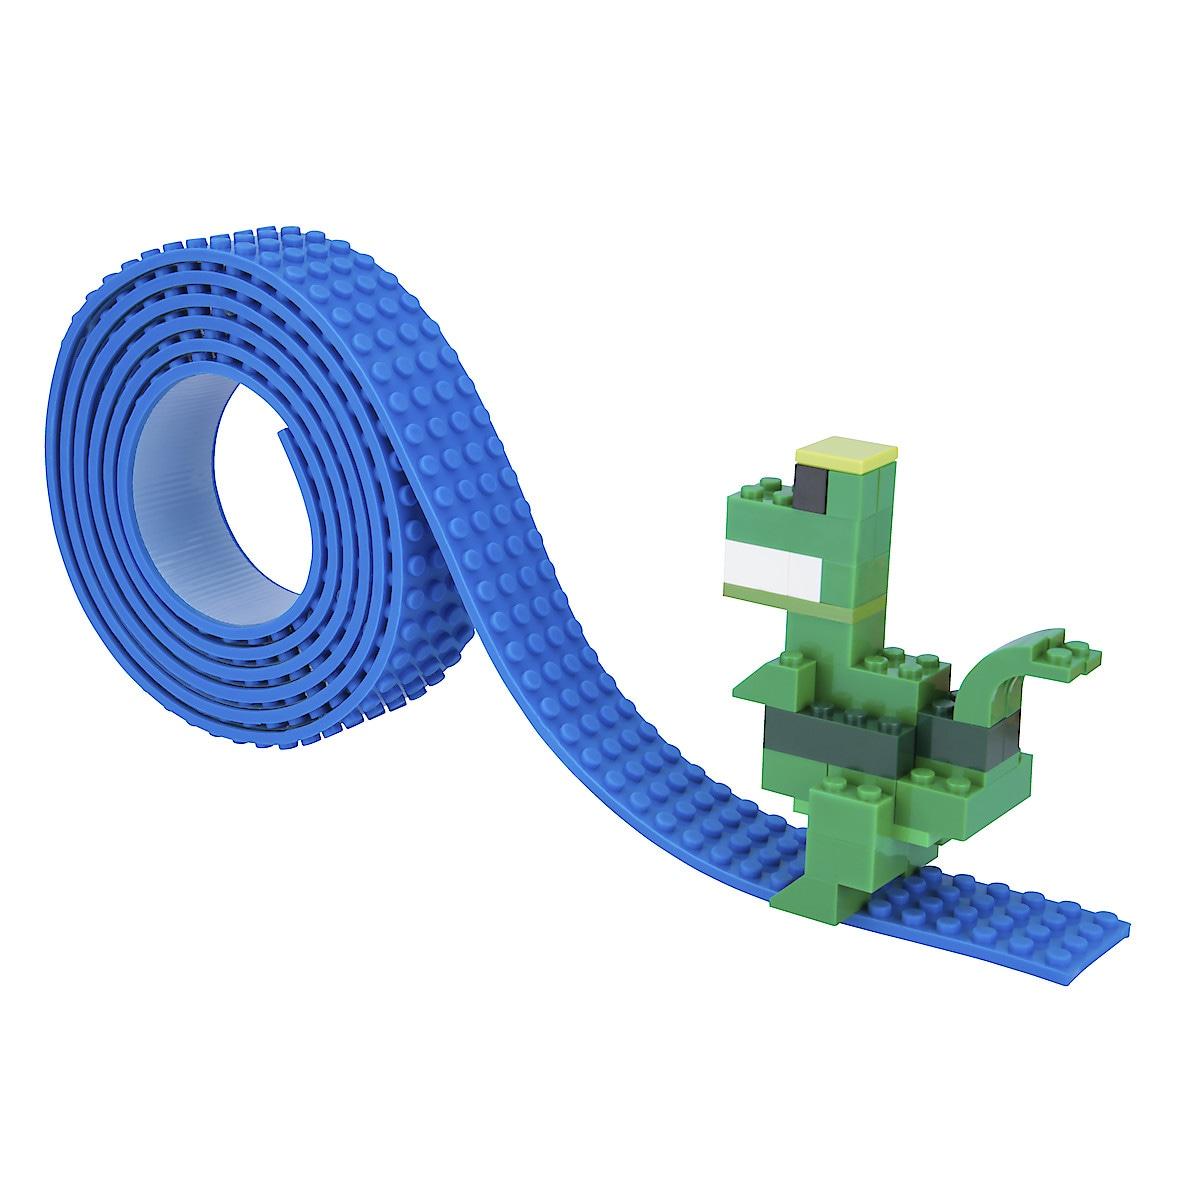 Mayka 2m 4-Stud Toy Block Tape